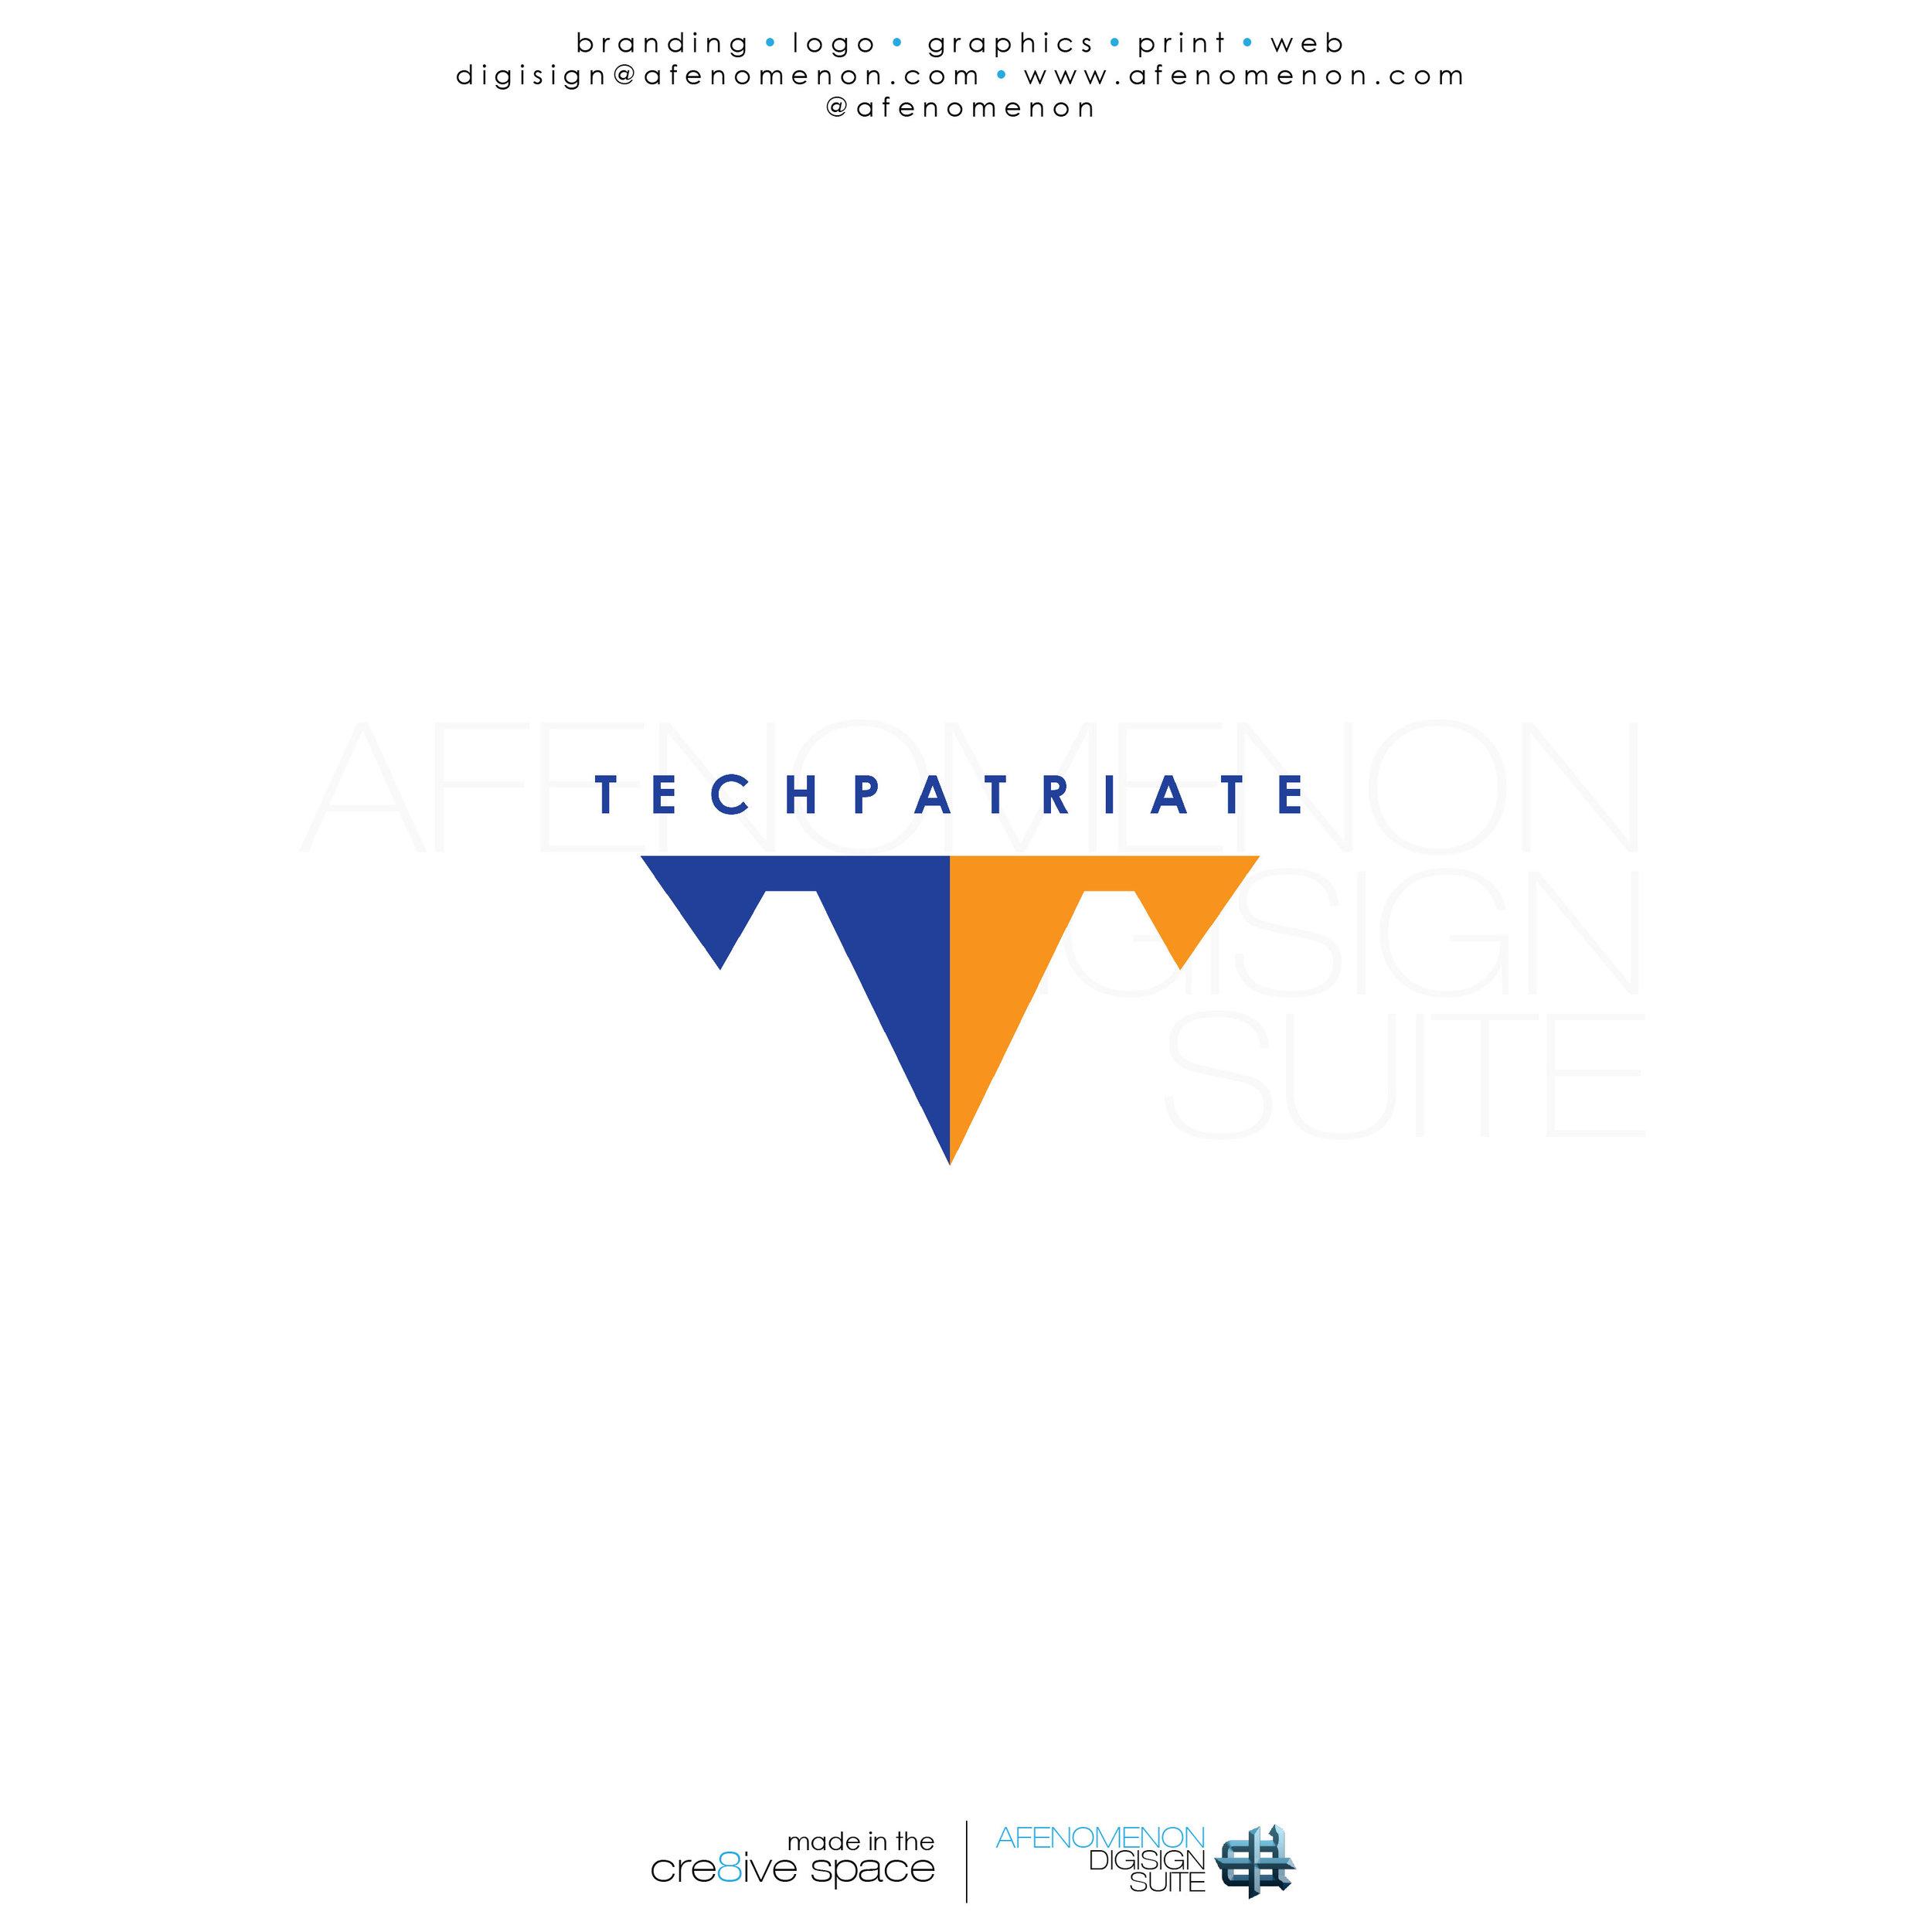 TECHPATRIATE.jpg